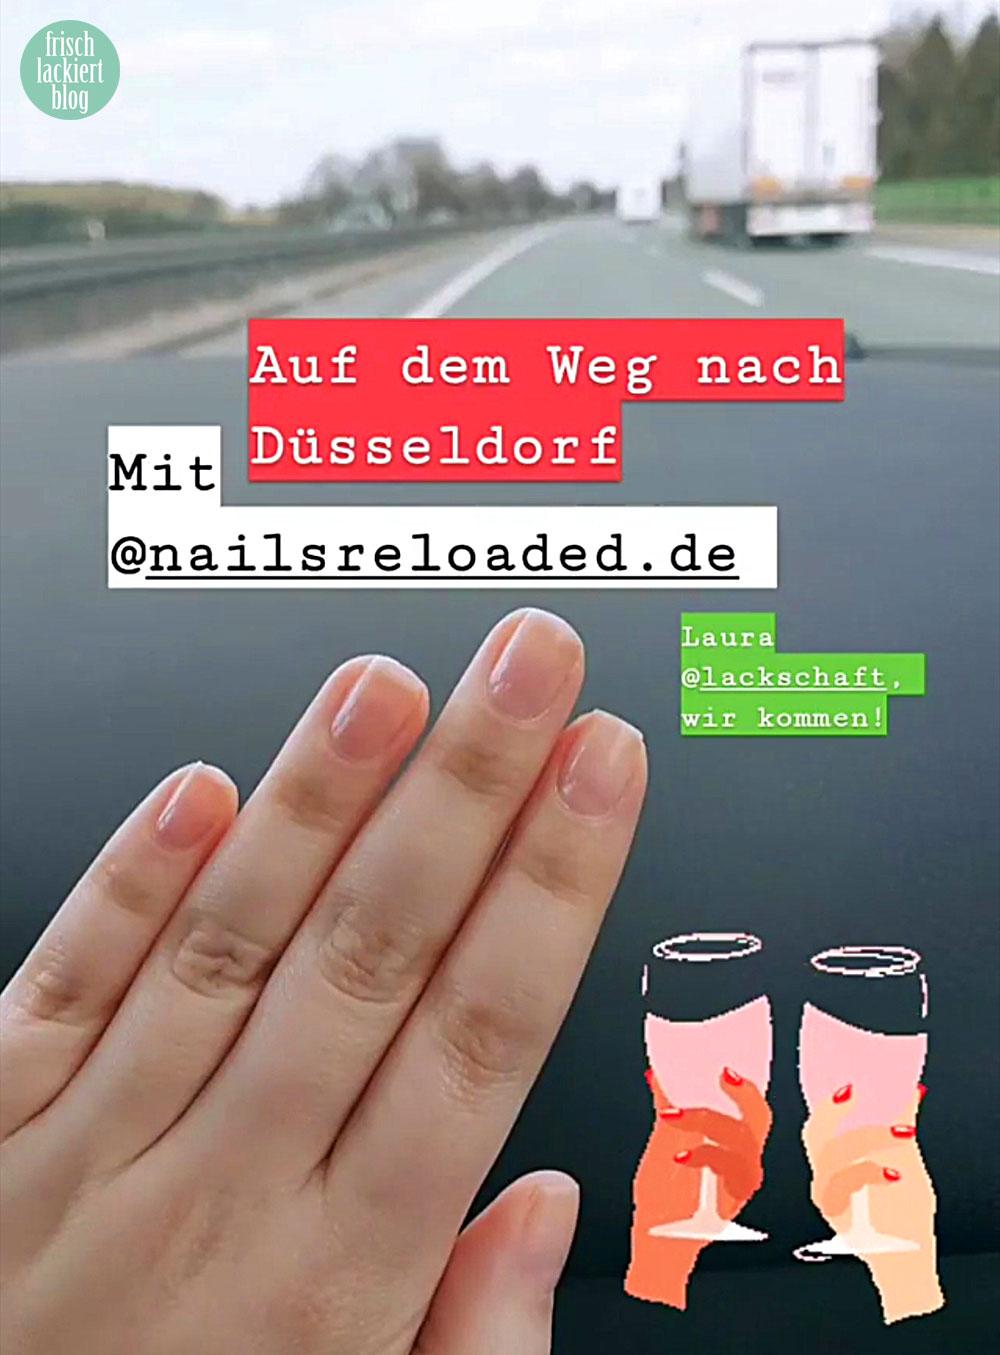 Beauty Messe Düsseldorf 2019 – meine Erlebnisse und Erfahrung zur Messe – by frischlackiert